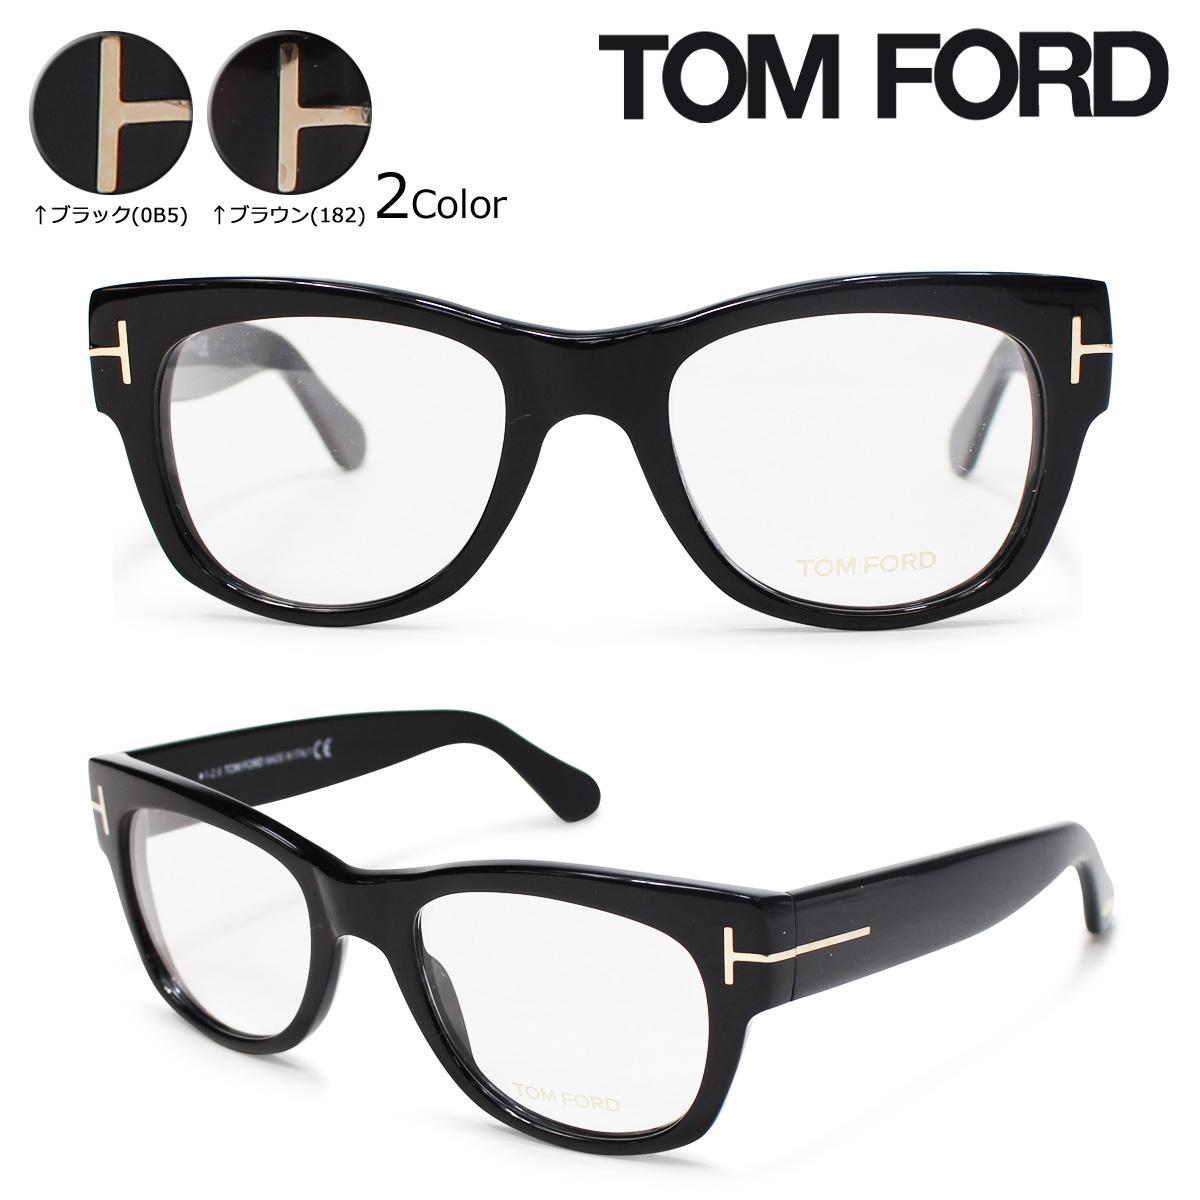 TOM FORD FT5040 トムフォード メガネ 眼鏡 メンズ レディース アイウェア ウェリントン イタリア製